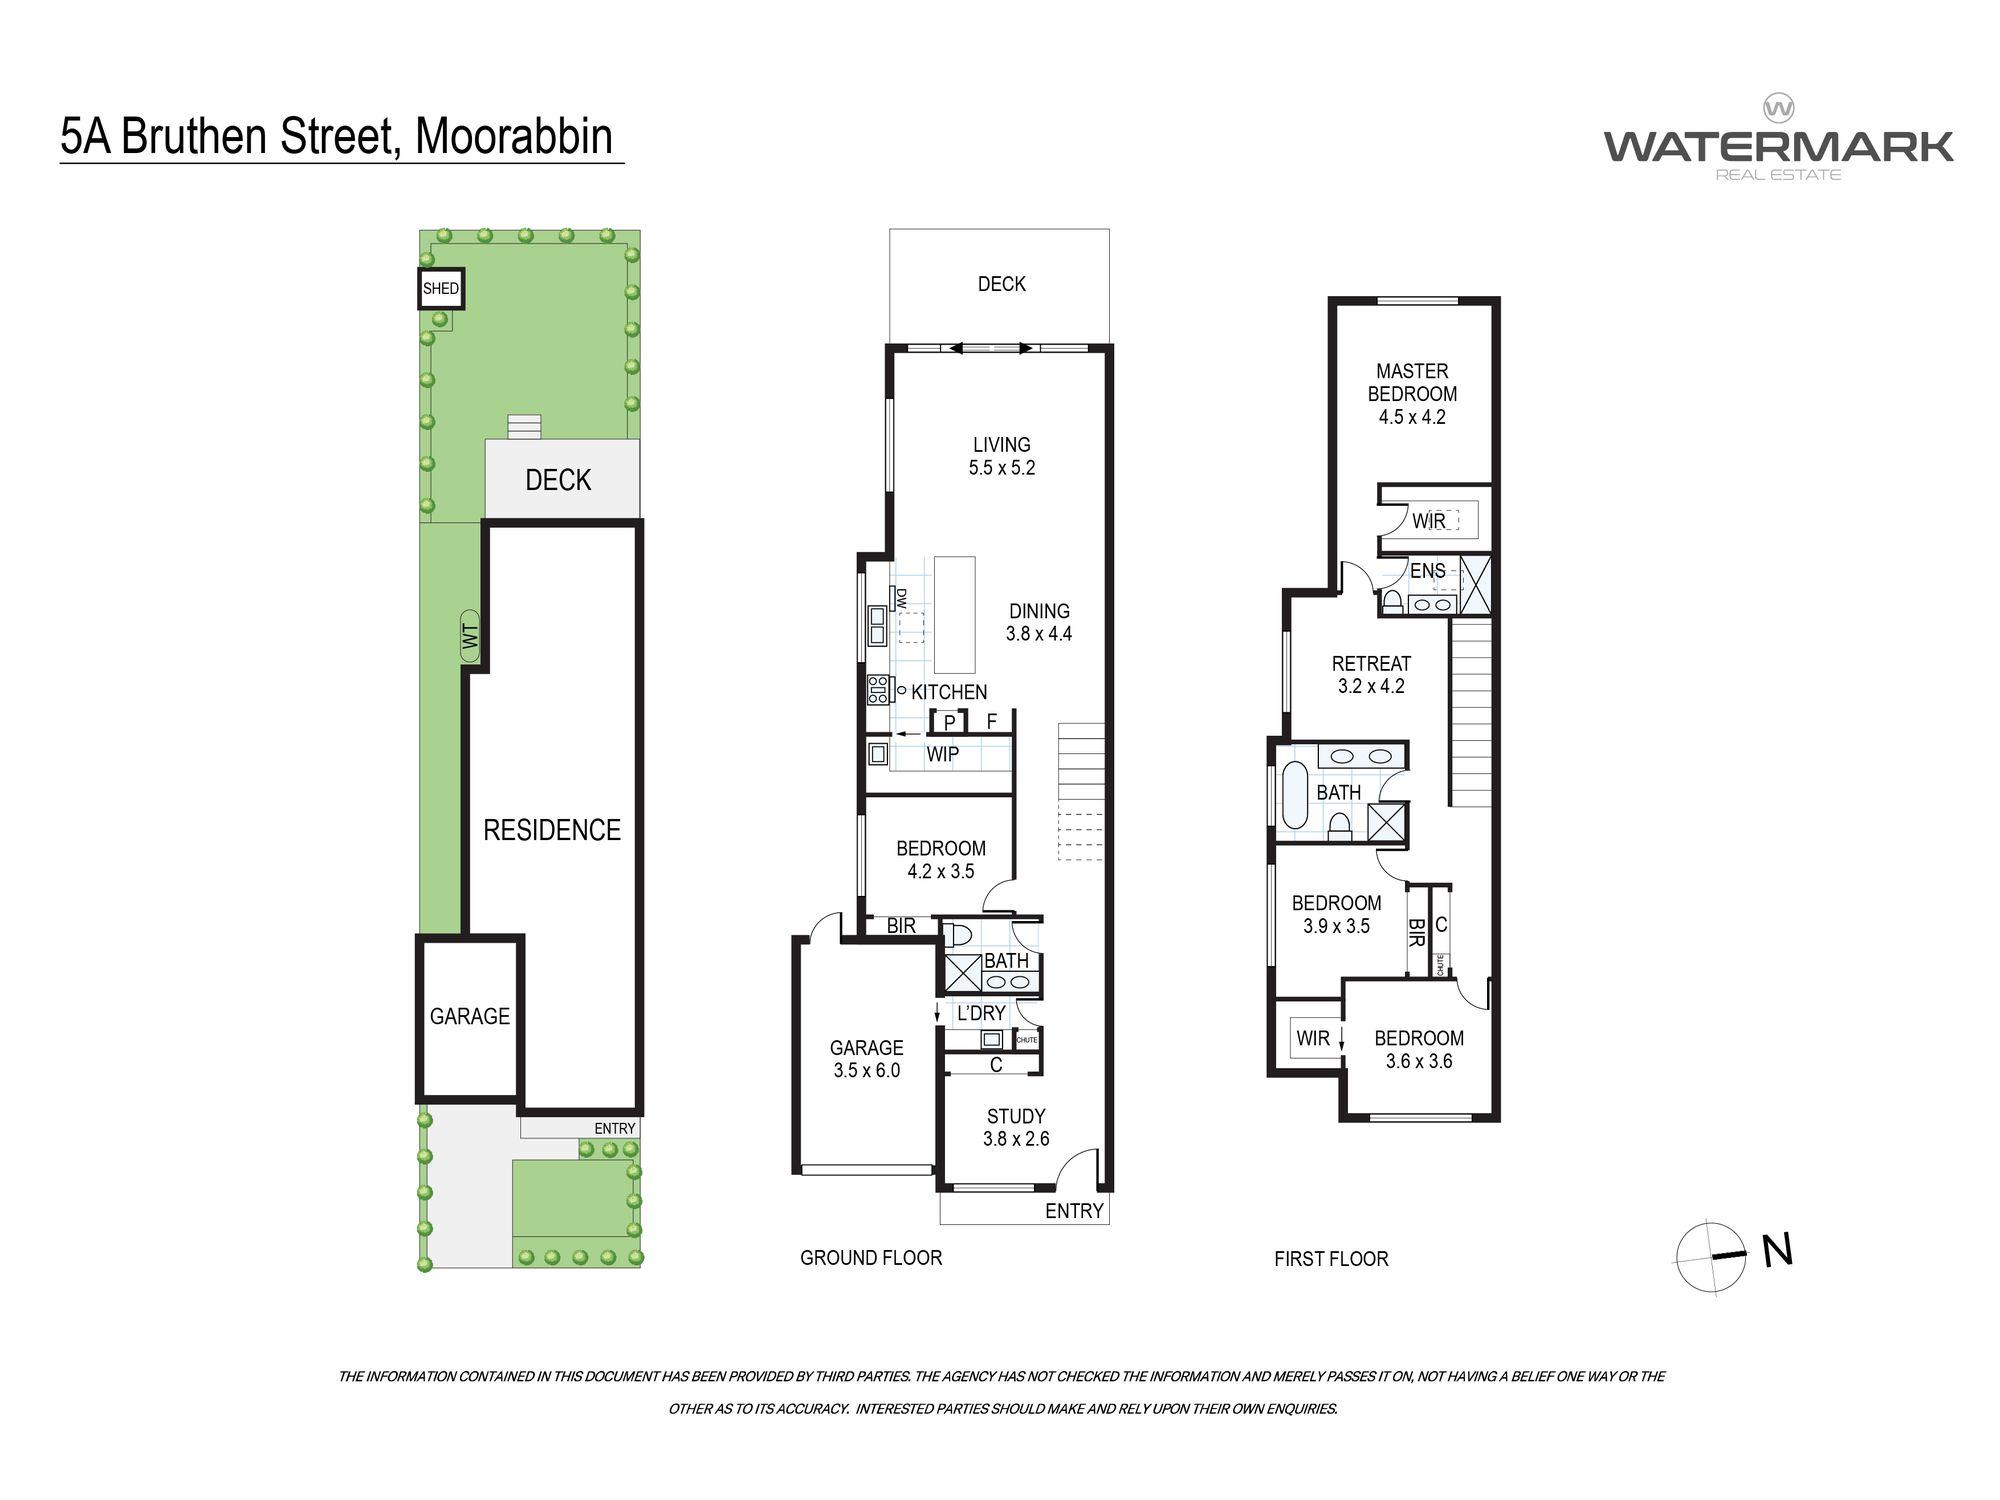 5A BRUTHEN STREET, Moorabbin